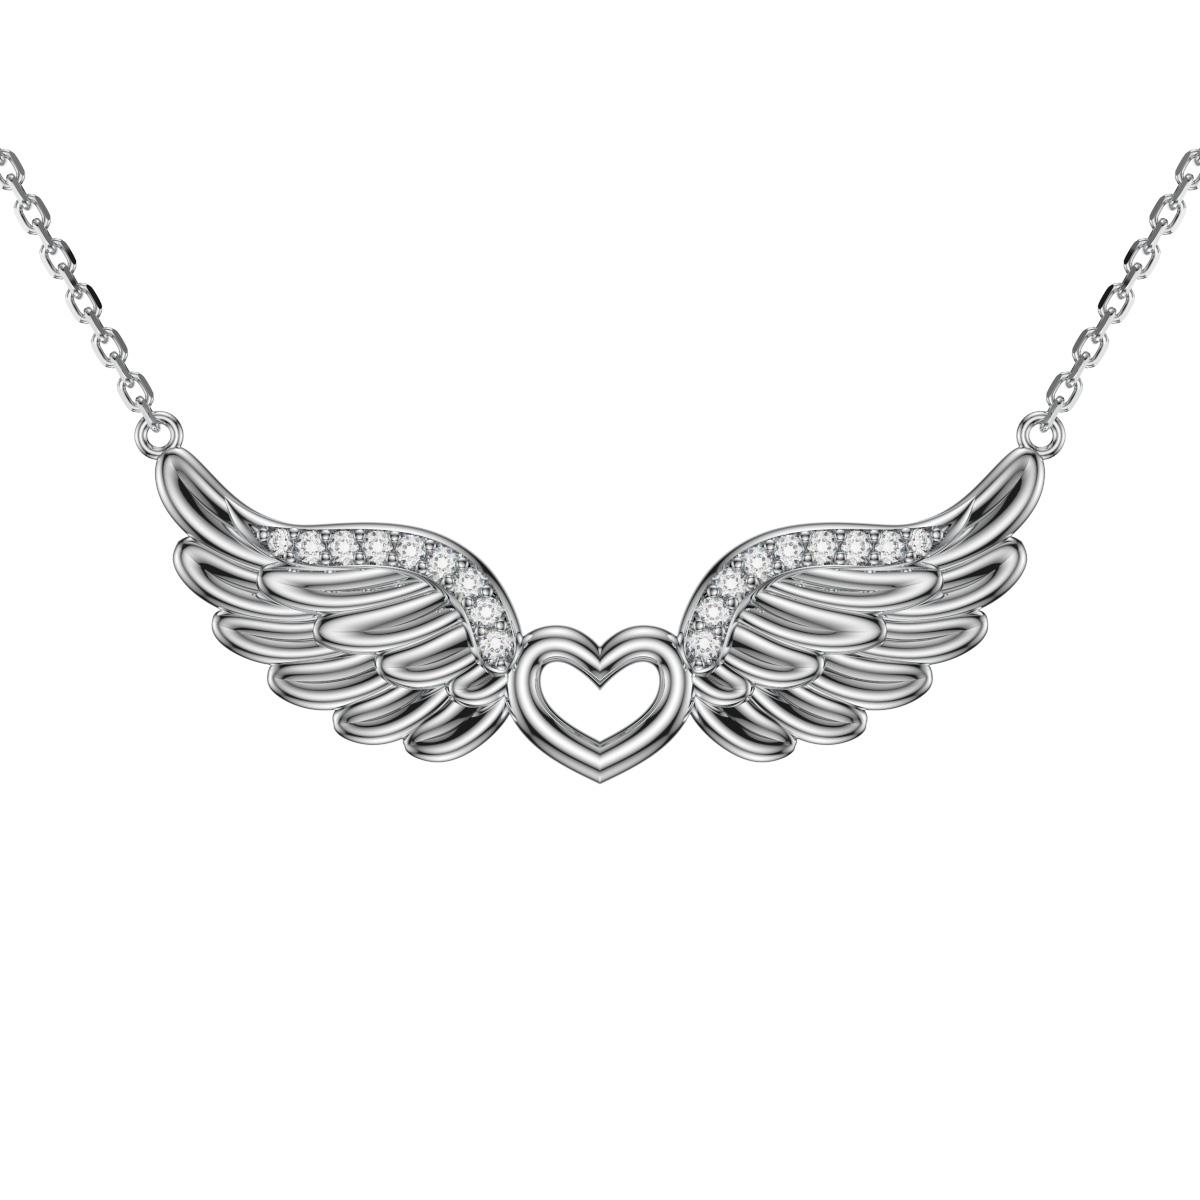 小天使之翼项链